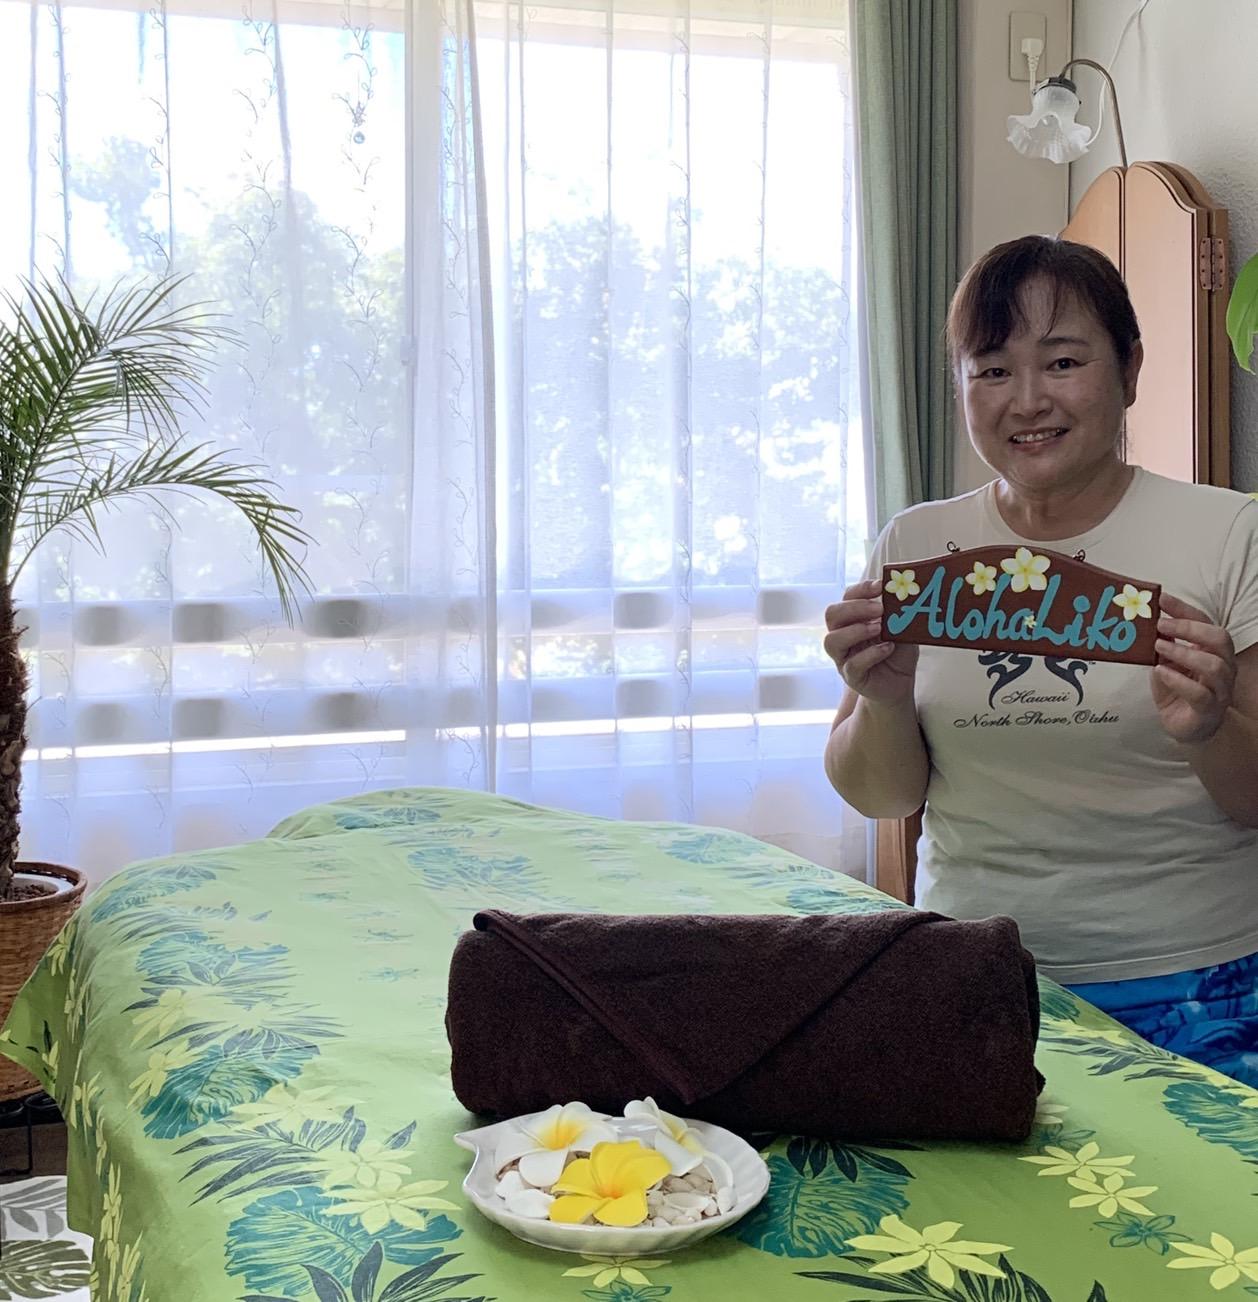 58歳で早期退職してロミロミ留学!1年後に自宅にロミロミサロンをオープン!毎日好きな事をして充実した生活スタイル!